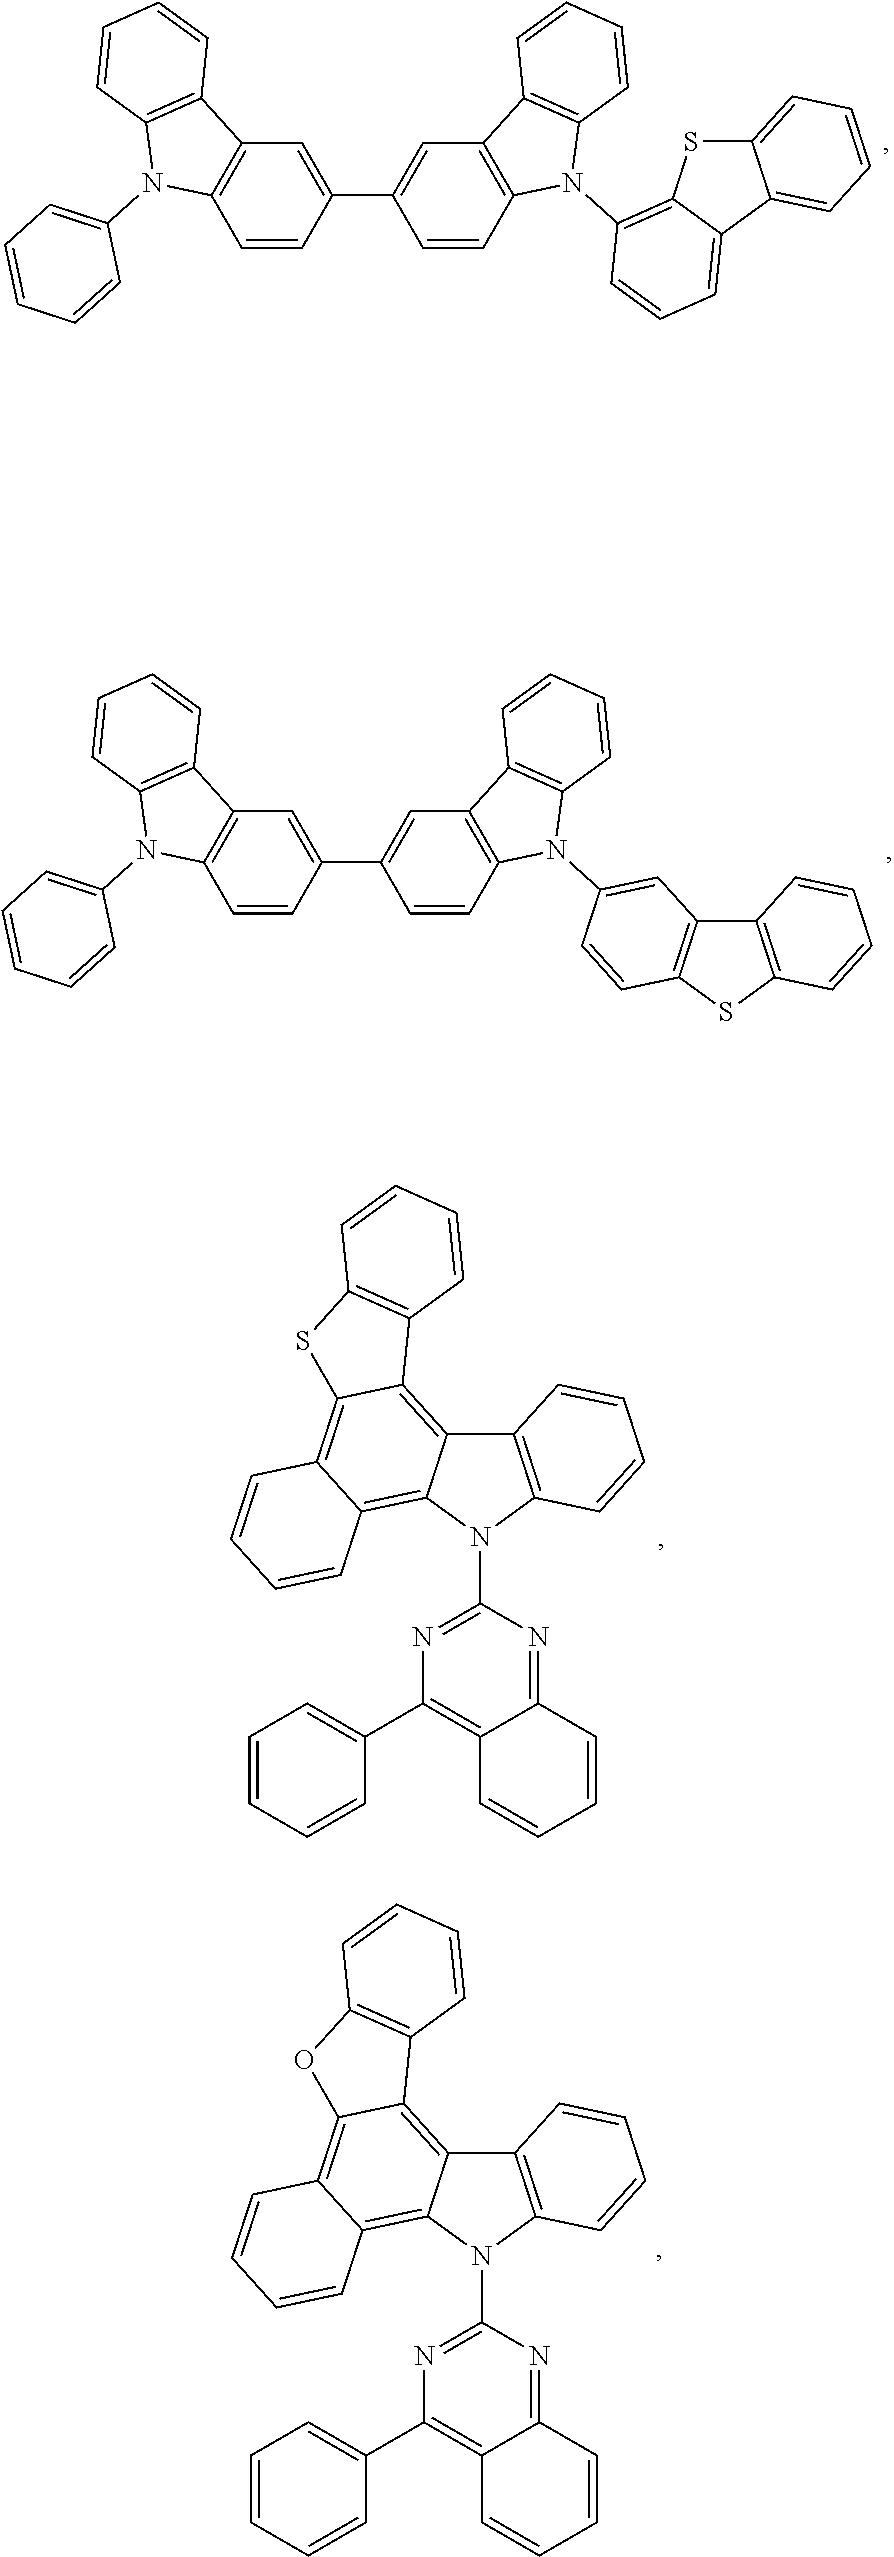 Figure US09905785-20180227-C00017